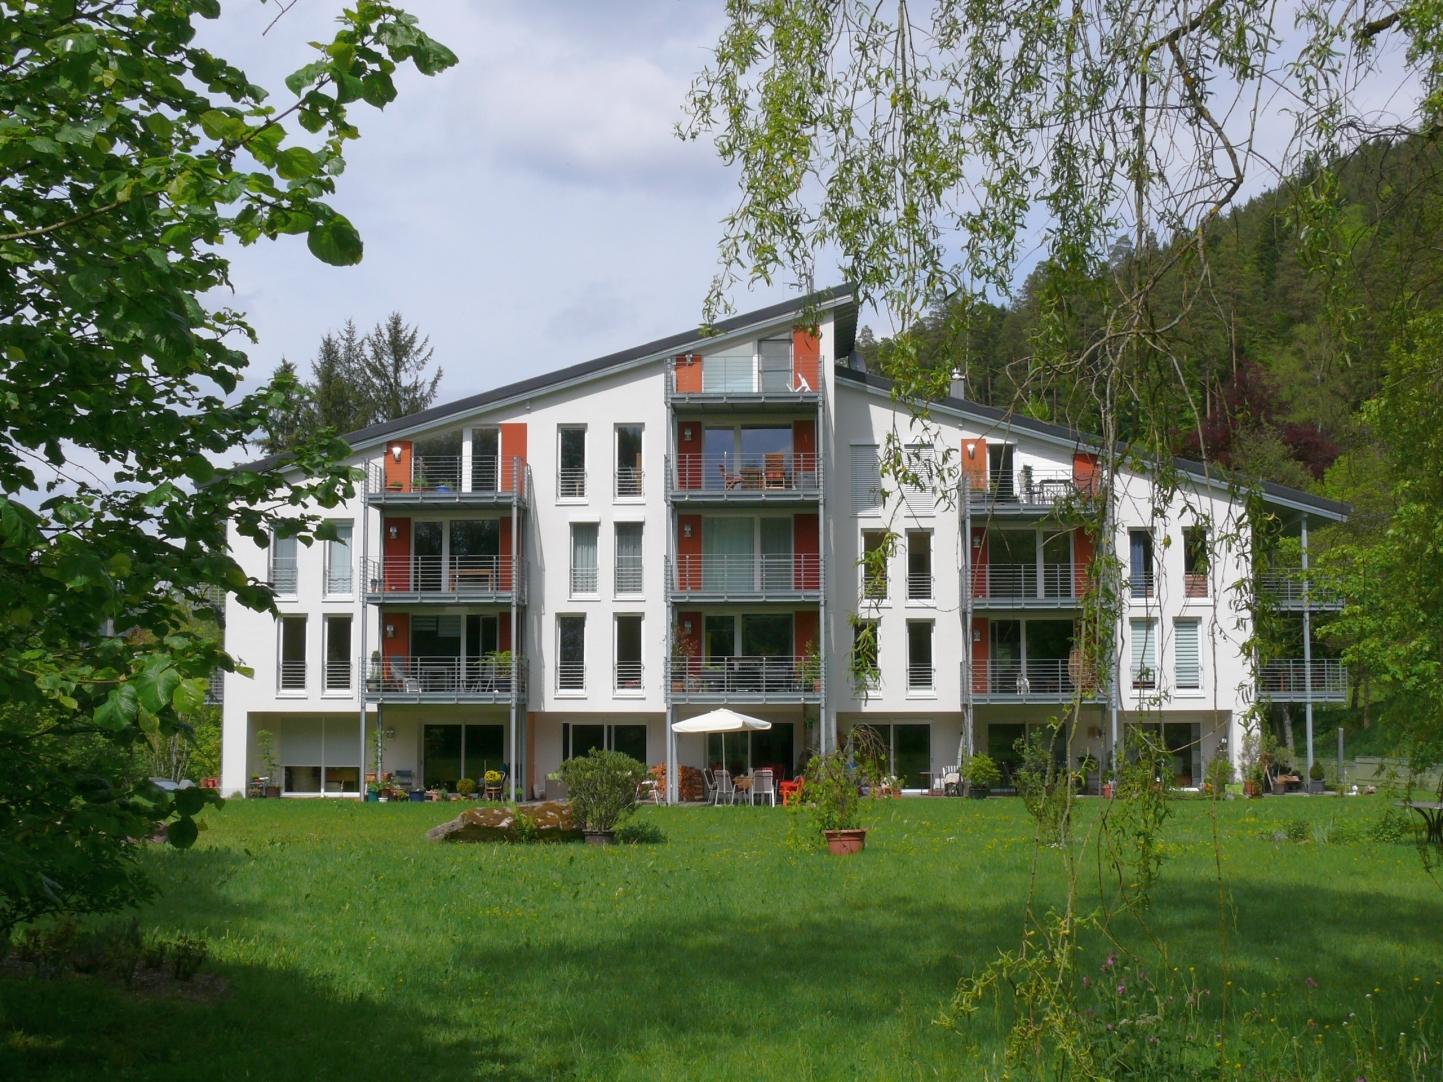 Durch die aufwändige professionelle Kernsanierung entstanden 16 hochwertige Wohnungen, zwei Gästezimmer und ein großer Gemeinschaftsraum. Foto: Claudia Ollenhauer